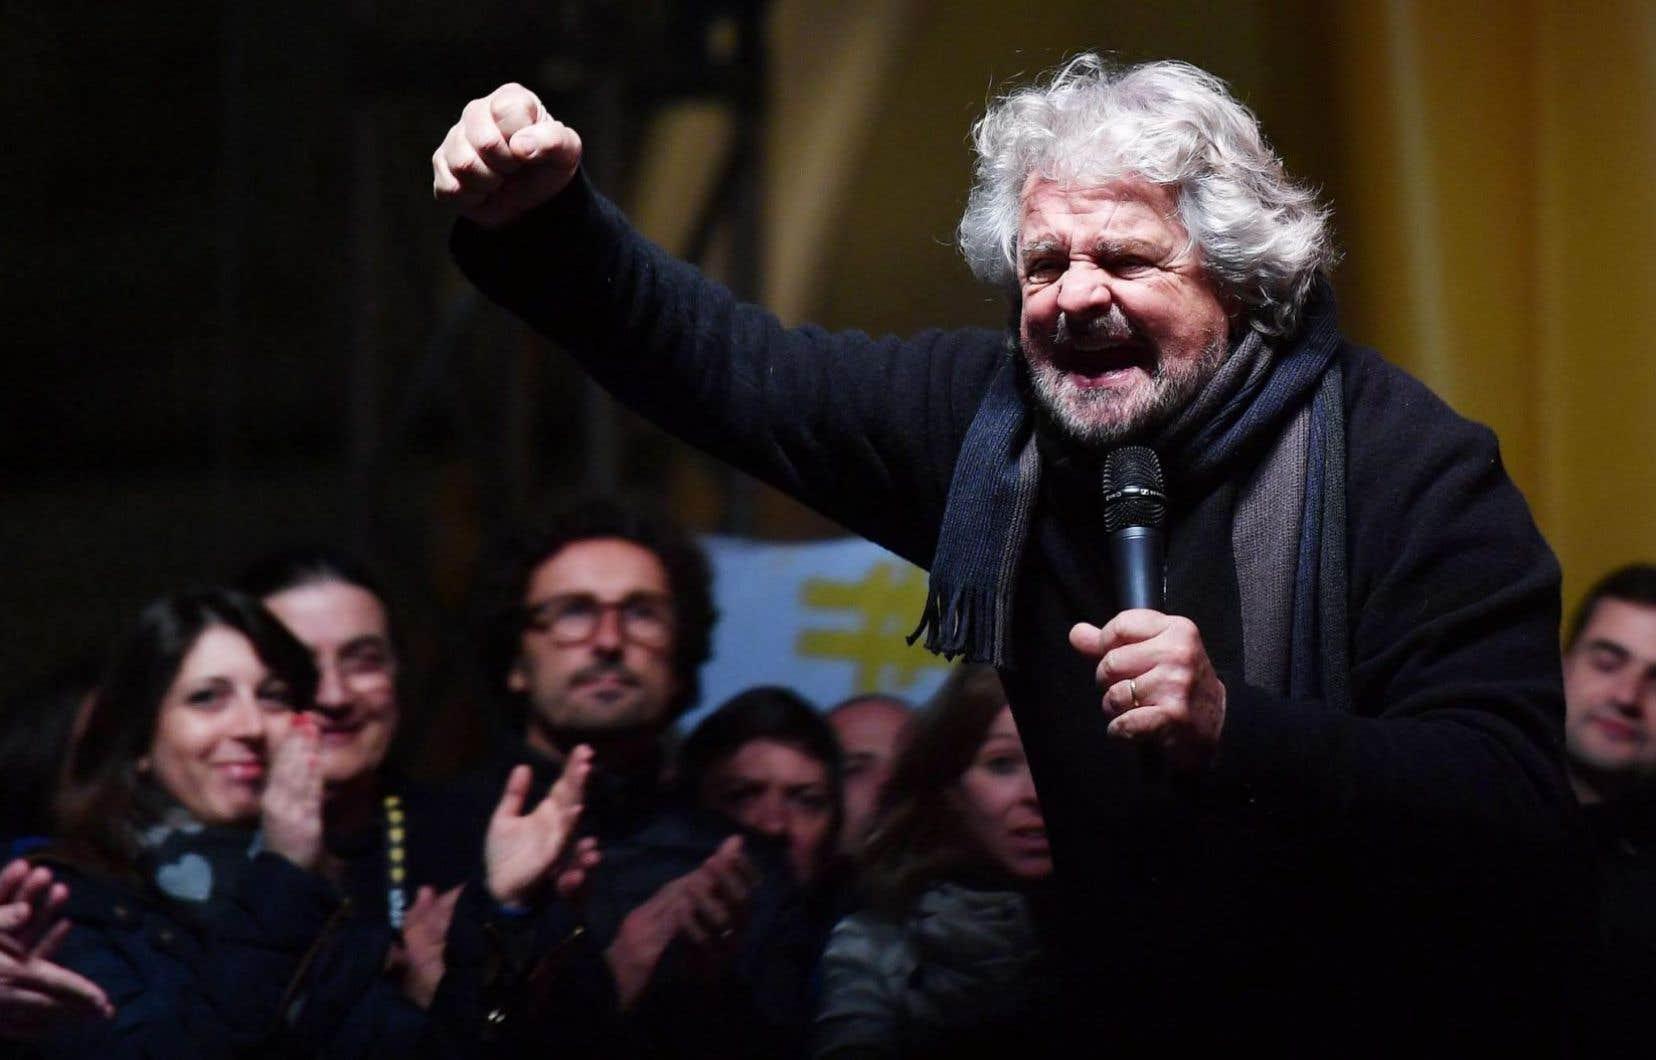 Le chef de file du Mouvement Cinq étoiles (M5S), l'ex-comique italien Beppe Grillo